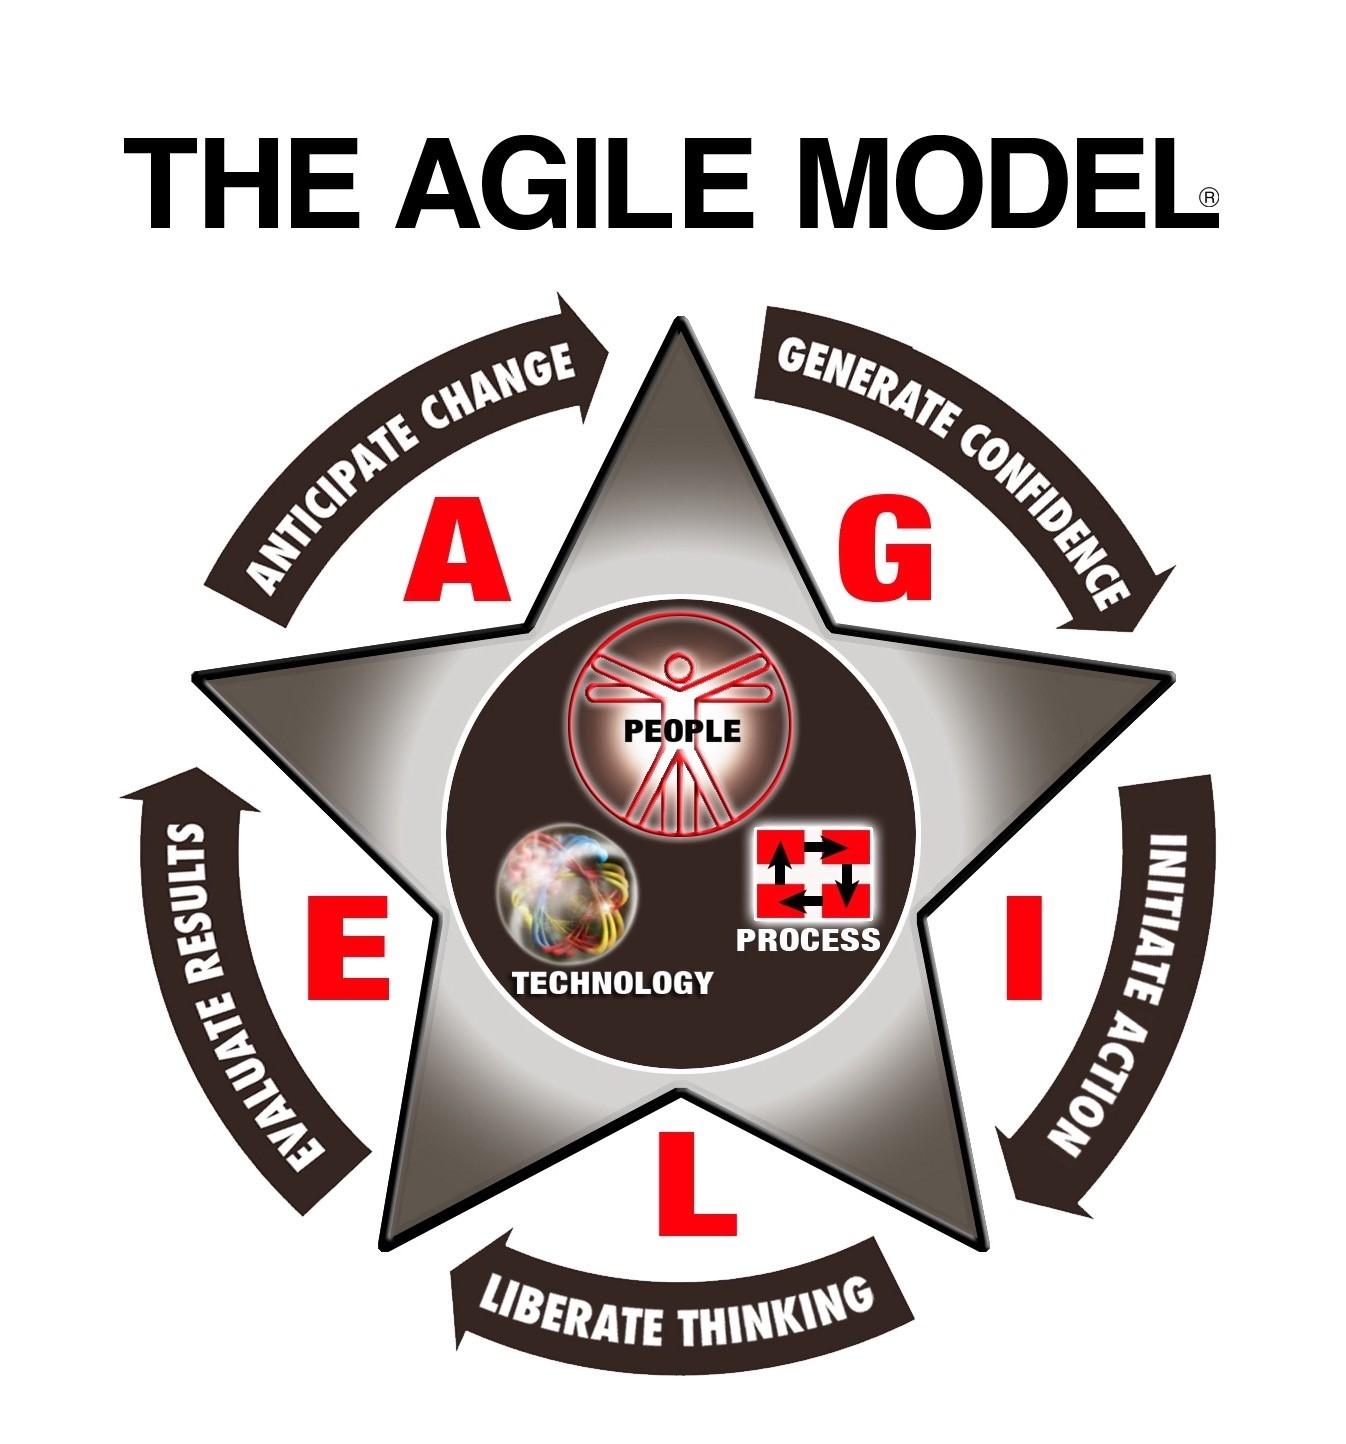 TheAgileModel_662015.jpg